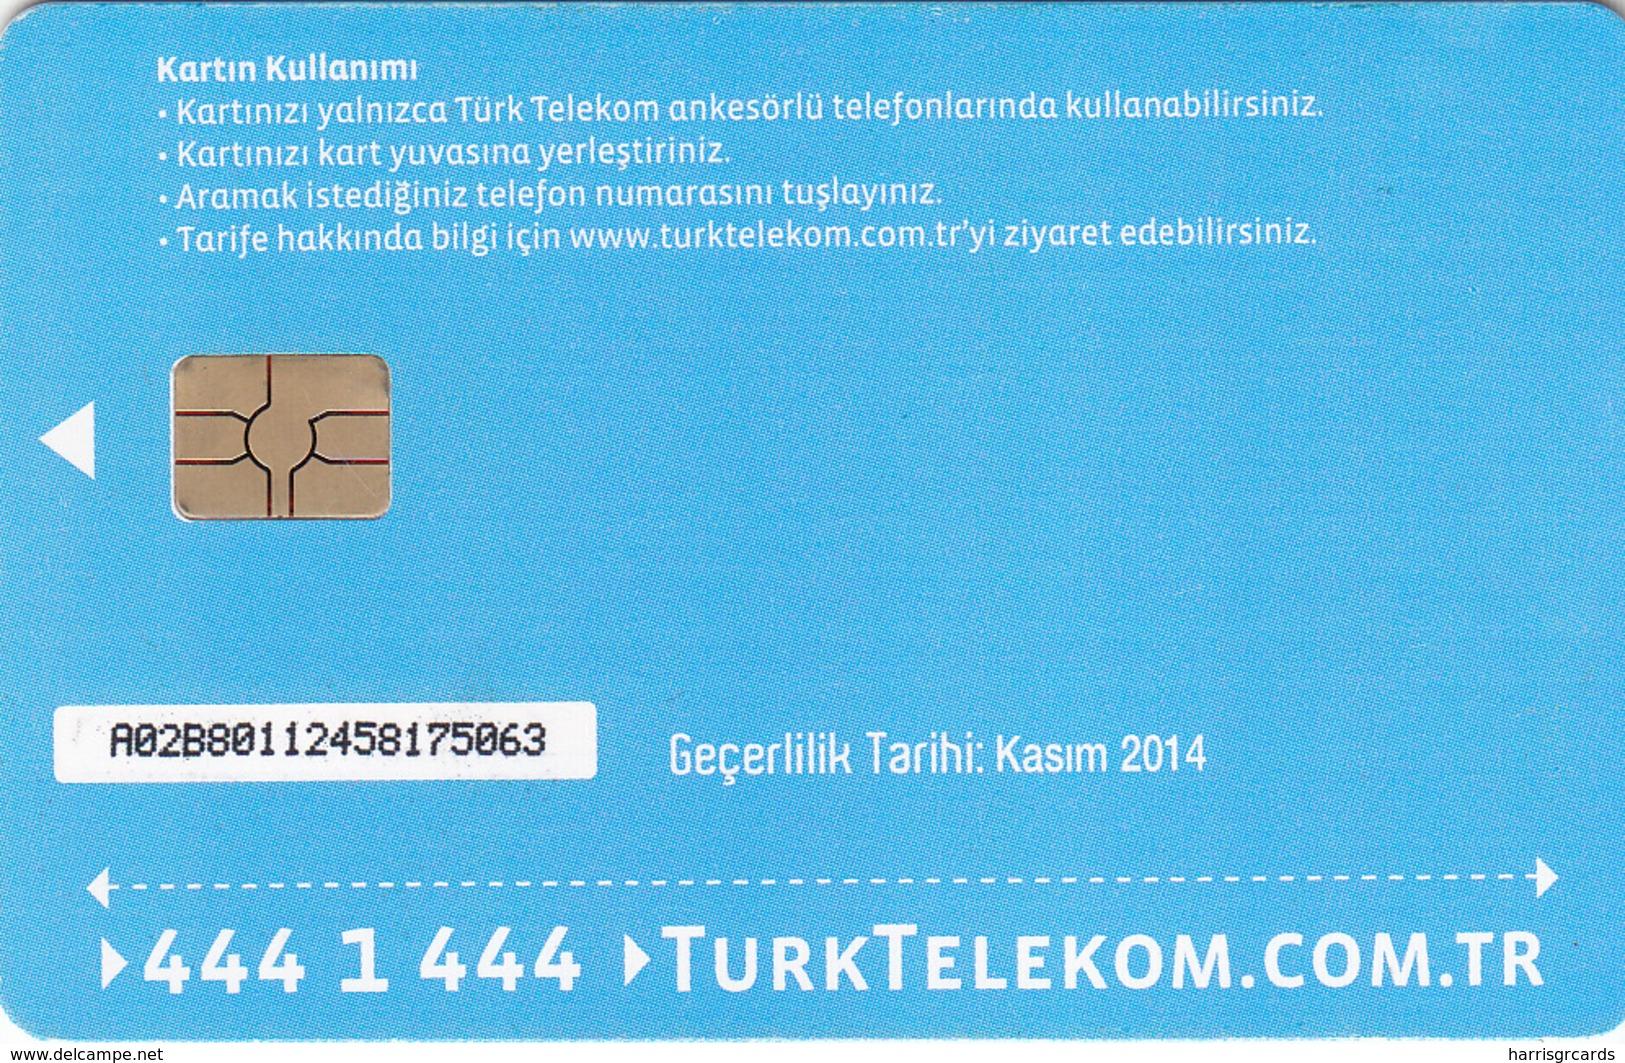 TURKEY - Tüm Aramalar İçin Arama Kartı , Kasım 2014, Gemplus - GEM5 (Red) , 4 ₤ - Turkish Lira ,06/12, Used - Turkey